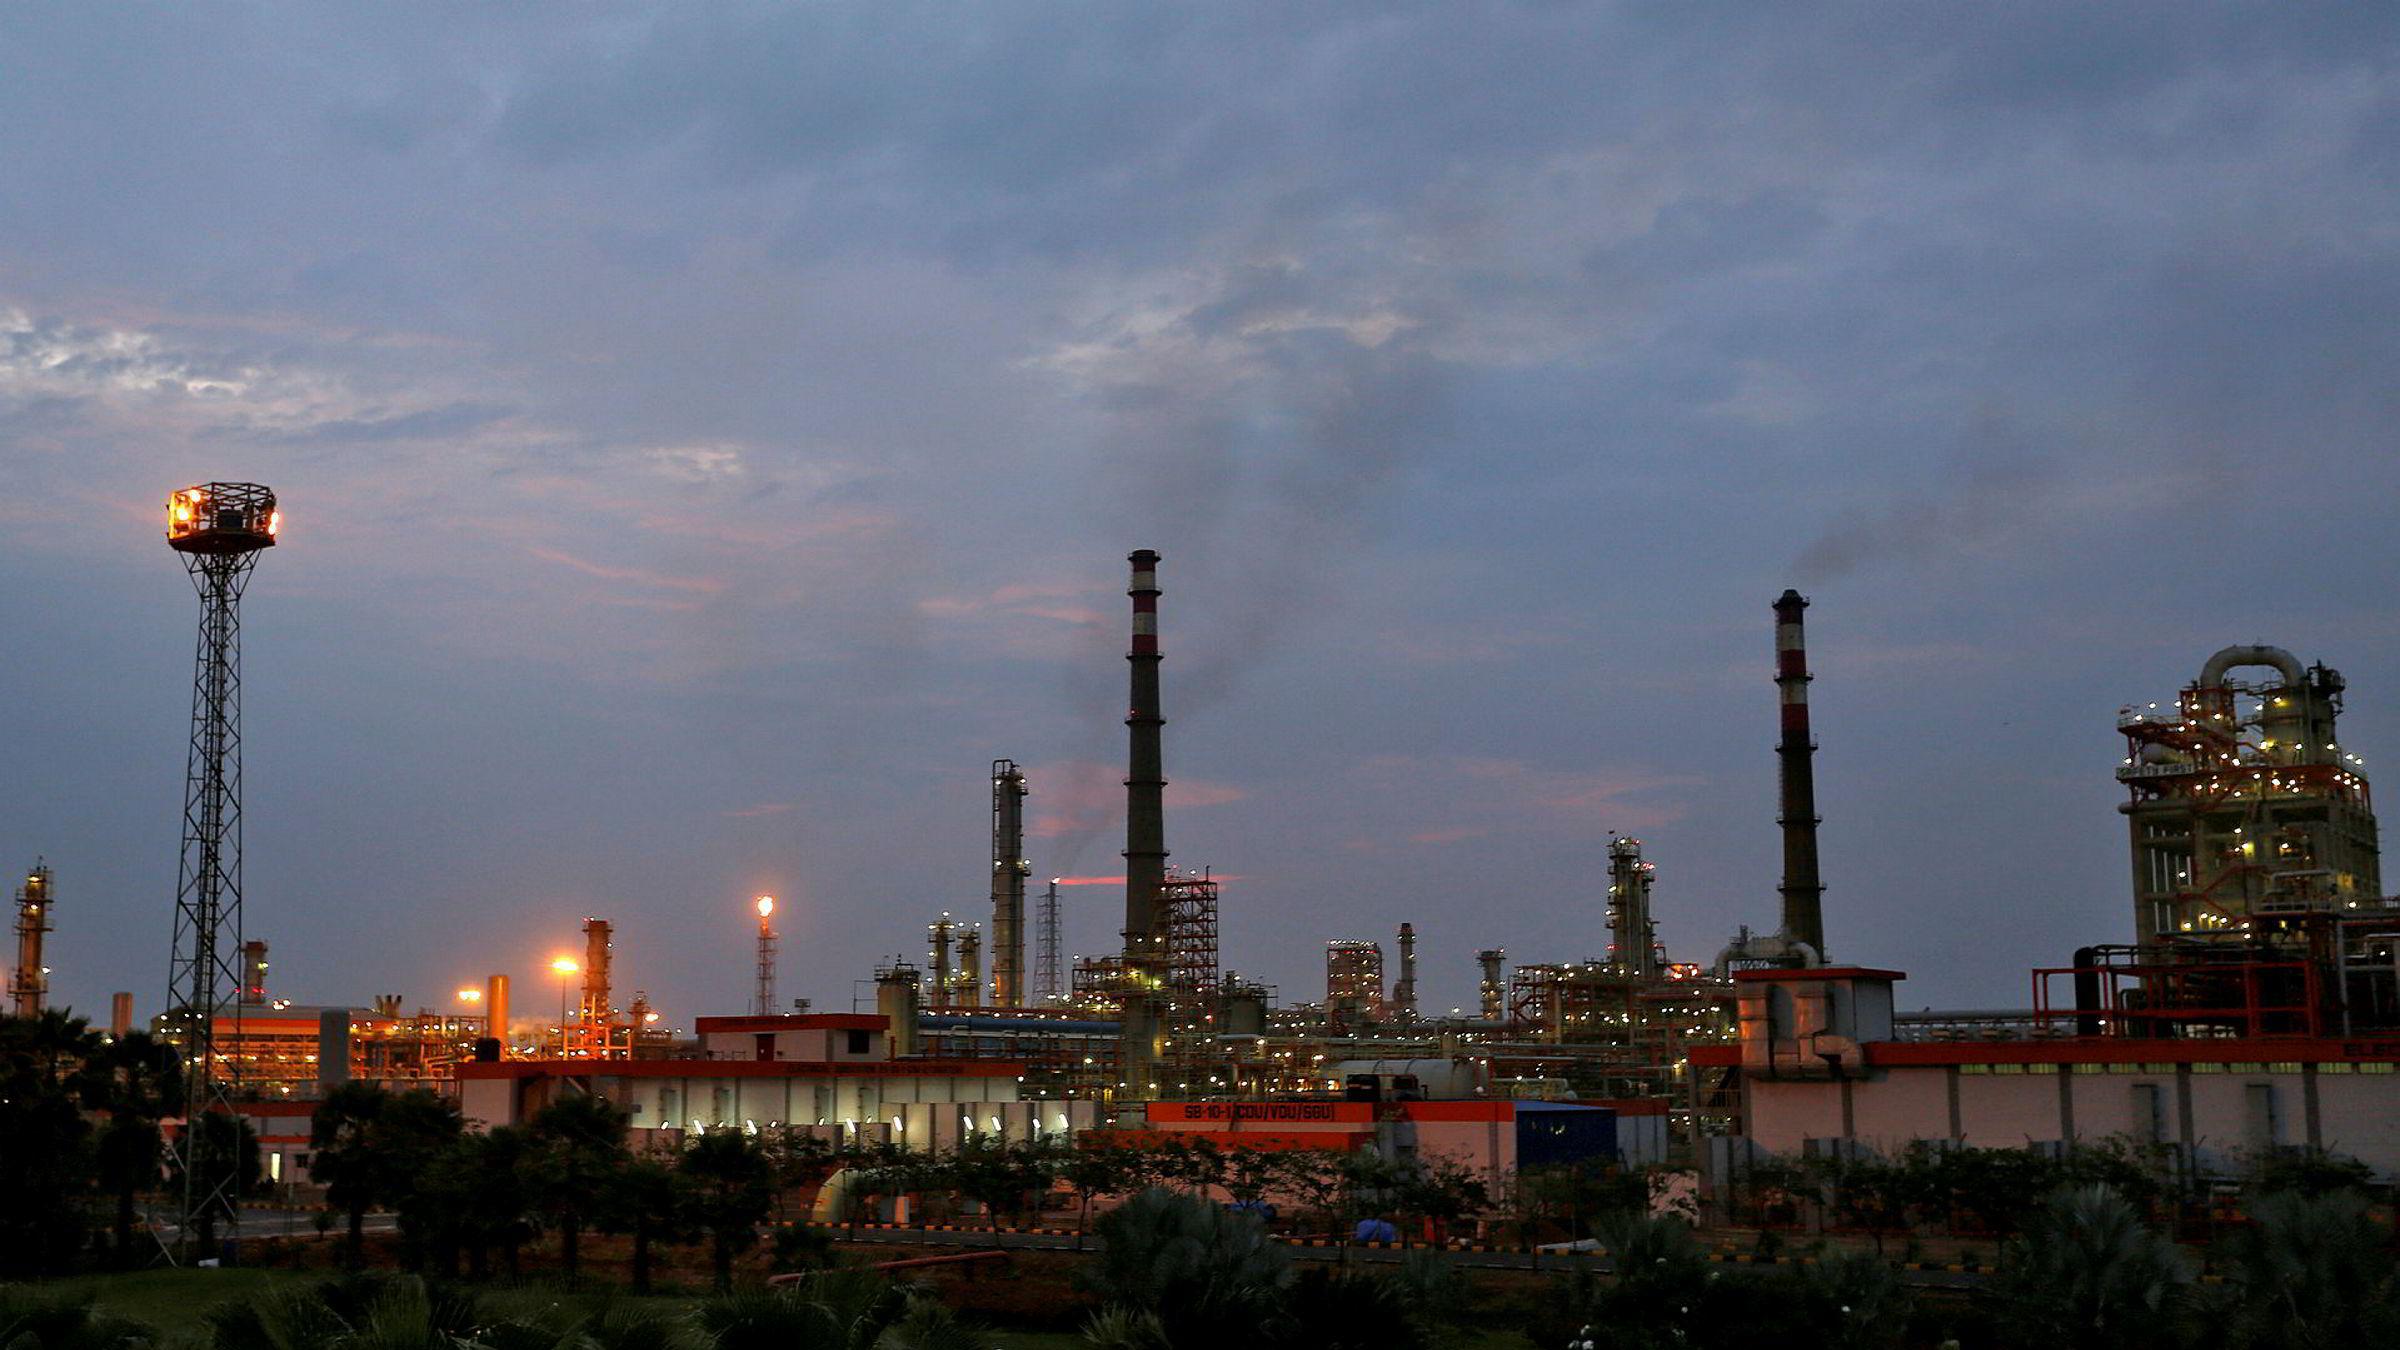 Vi skal ikke bli for komfortable med dagens oljepriser, ifølge den britiske banken Barclays. På bildet ses et av Essar Oils raffinerier i India.